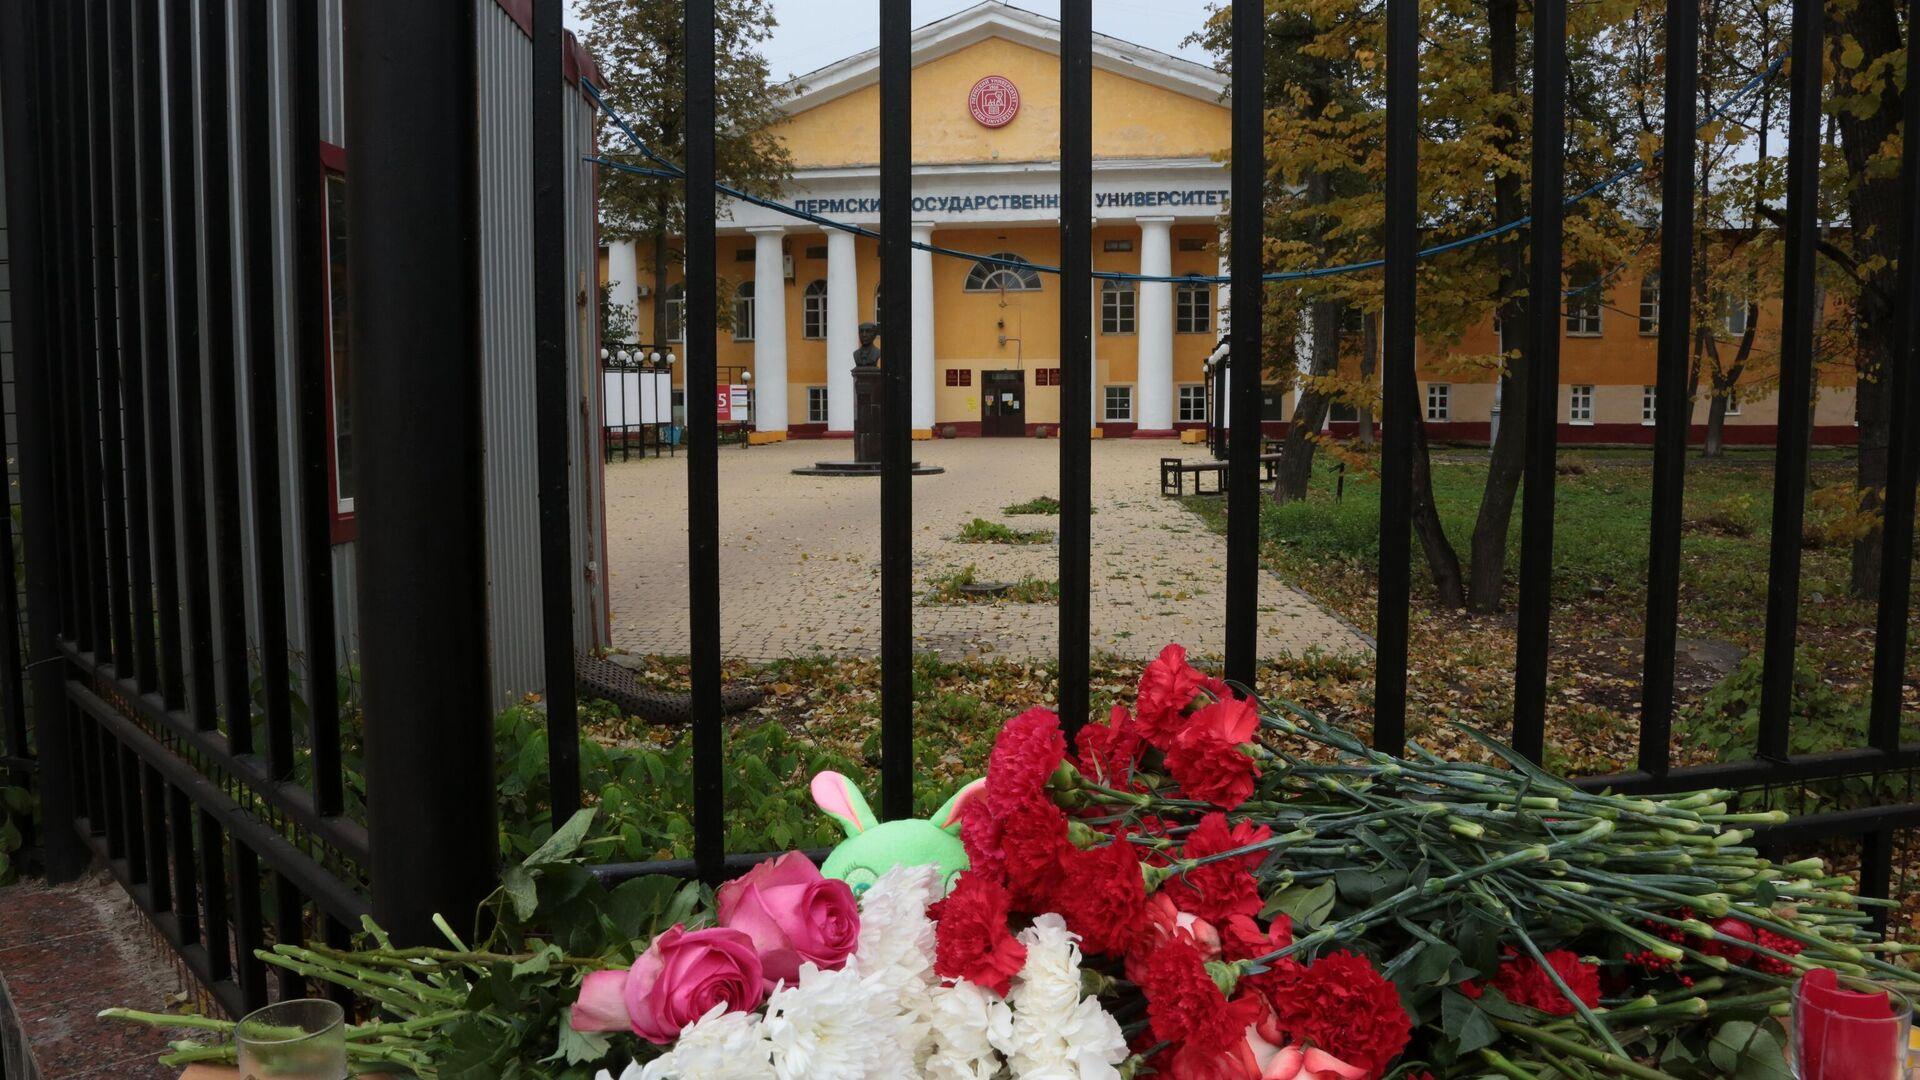 Цветы  в память о погибших в результате стрельбы в Пермском университете - РИА Новости, 1920, 26.09.2021